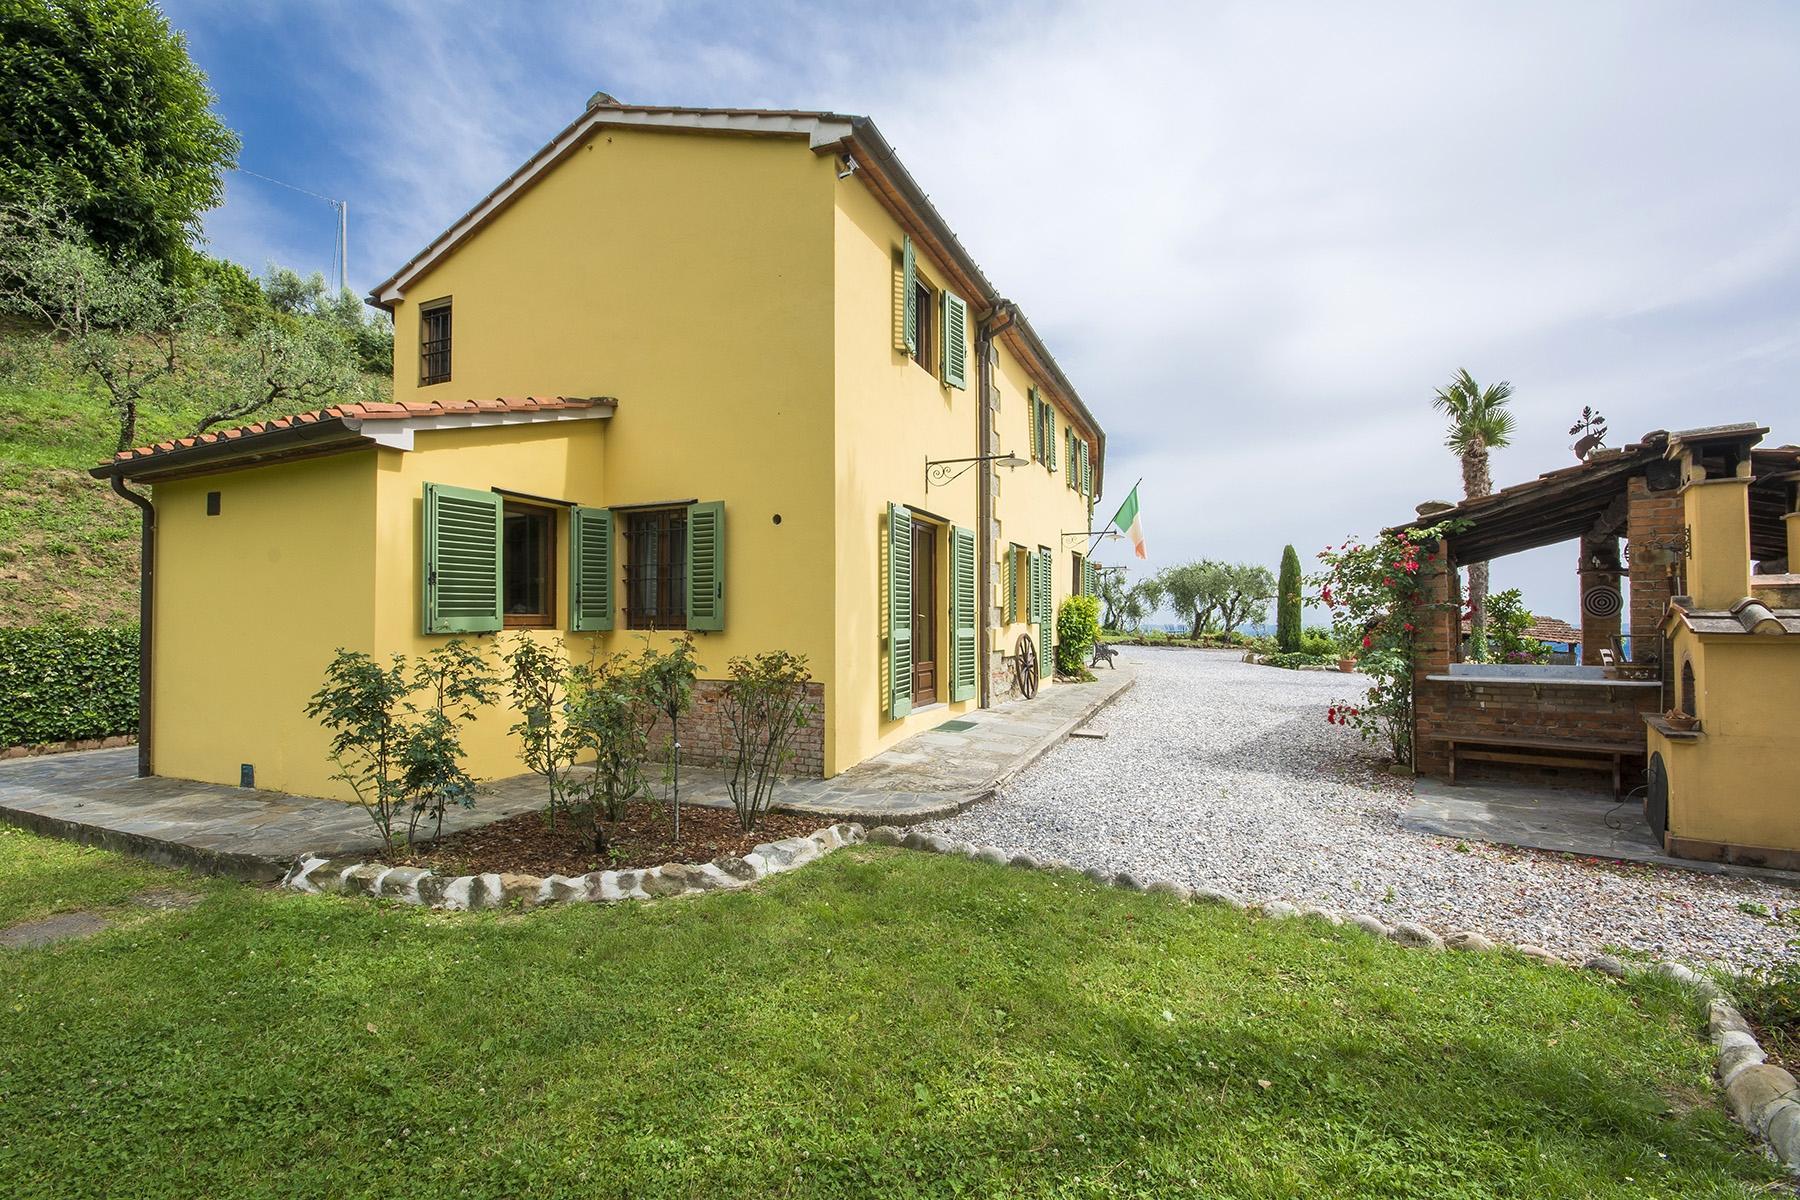 Wunderschönes toskanisches Bauernhaus - 7